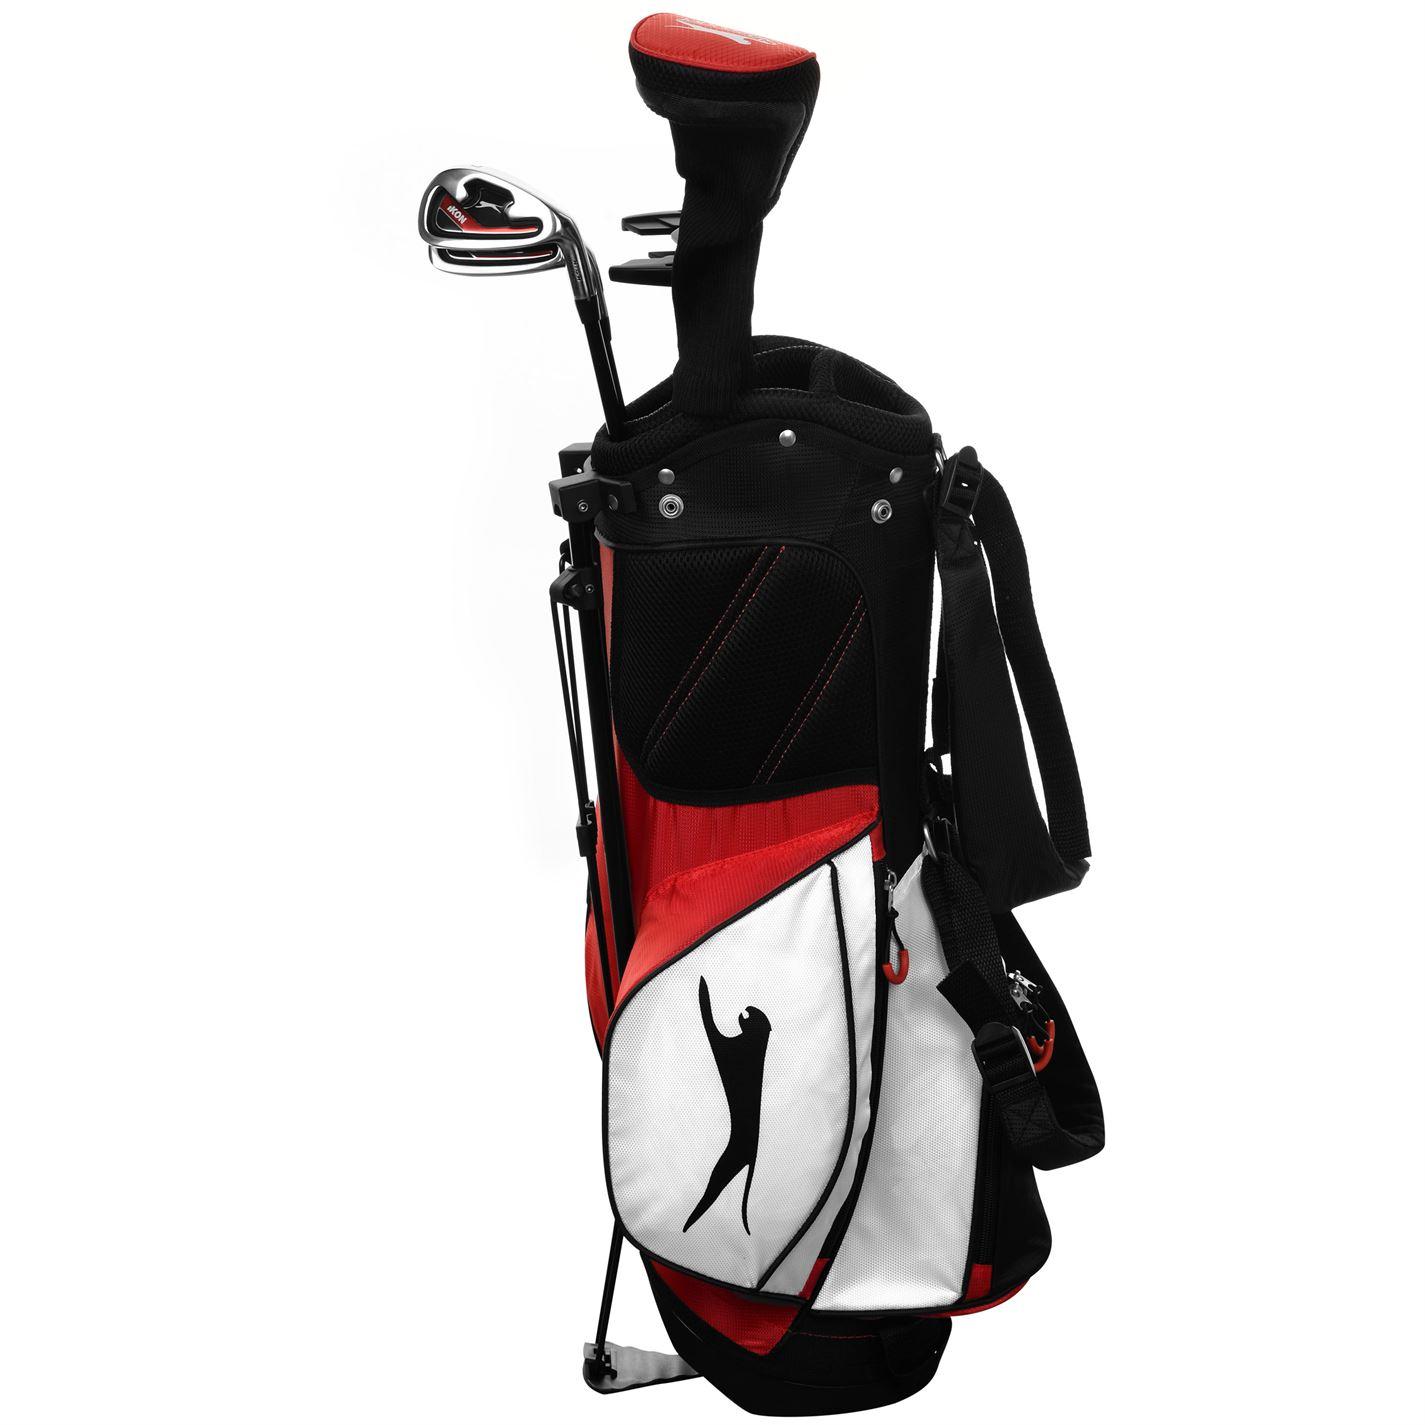 Slazenger-Kids-Ikon-Golf-Set-Junior-Graphite thumbnail 12